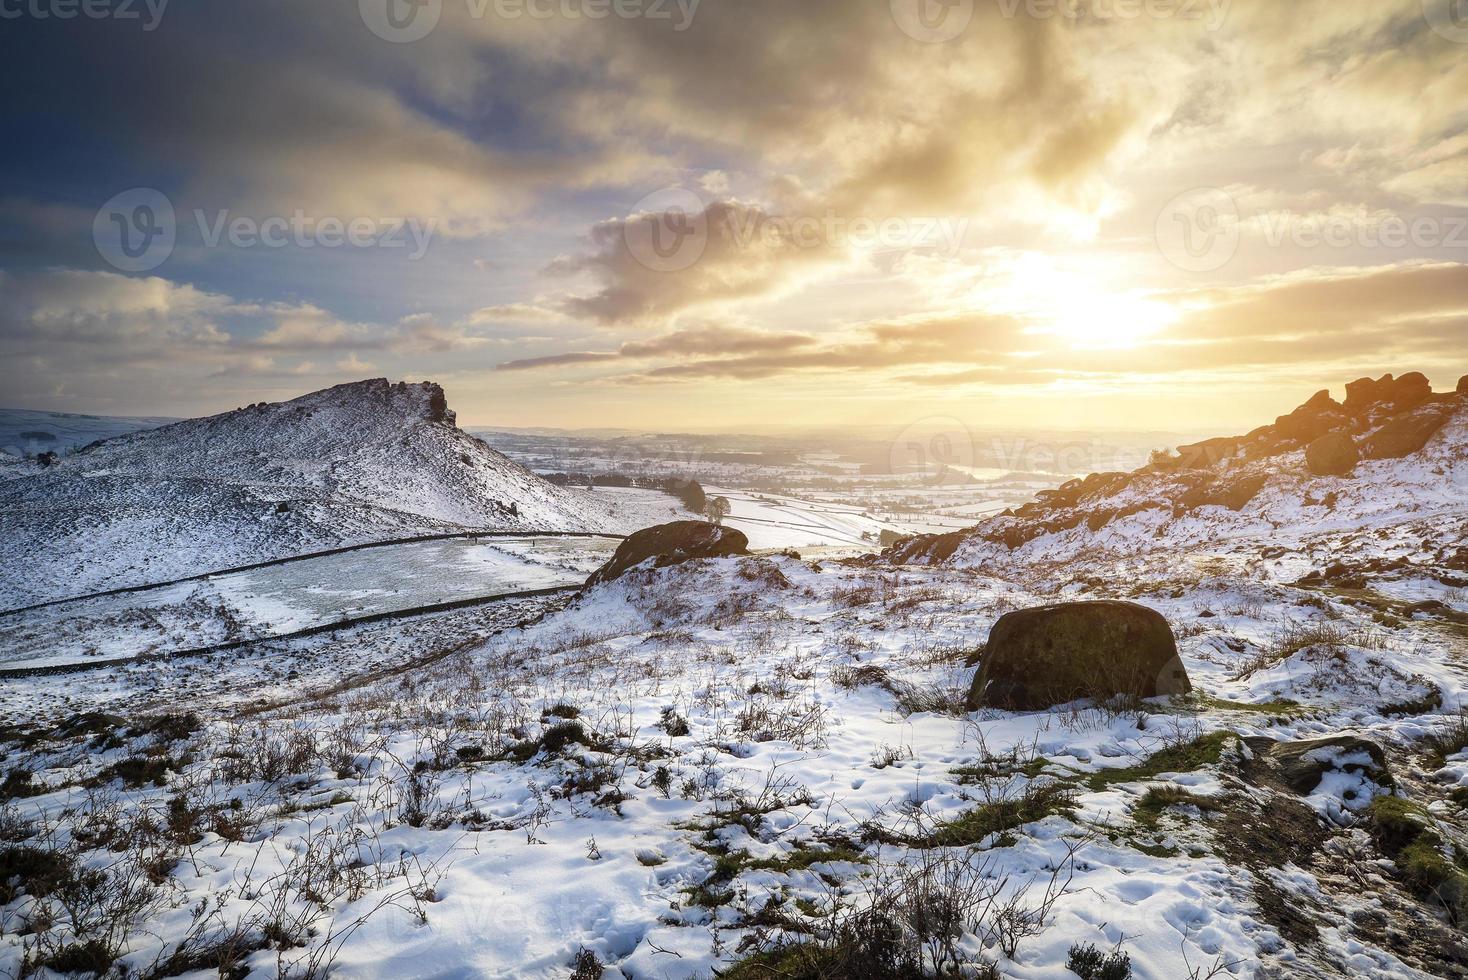 deslumbrante pôr do sol de inverno na paisagem campestre com dramática foto